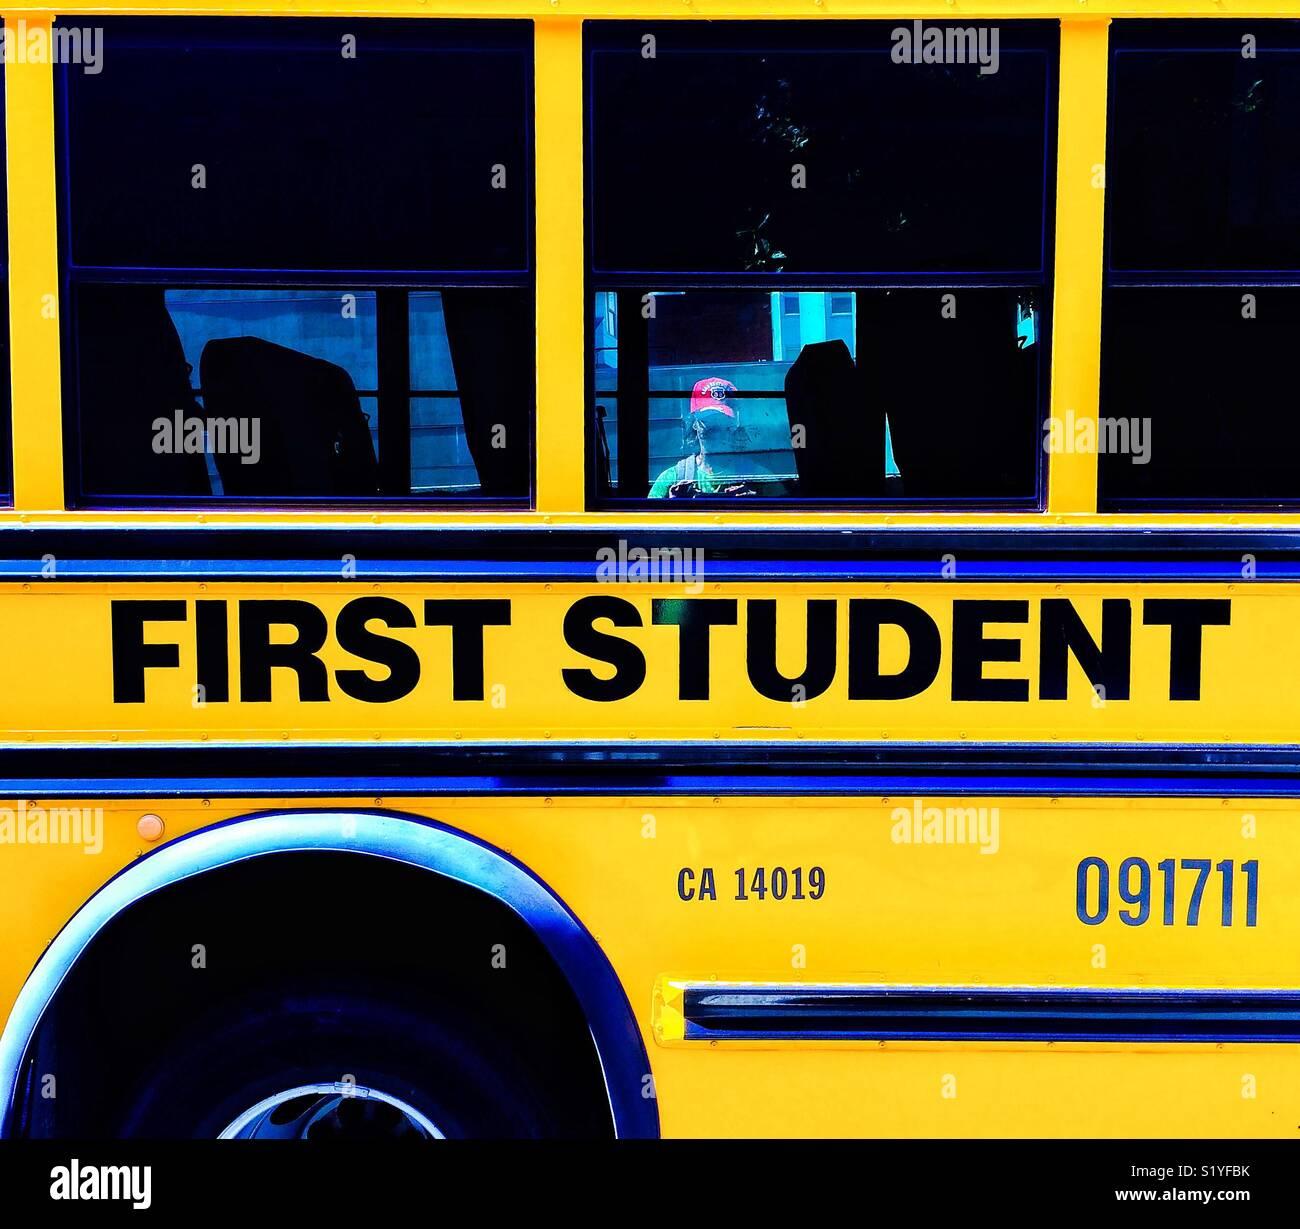 Primer estudiante Bus amarillo, California, EE.UU. Imagen De Stock